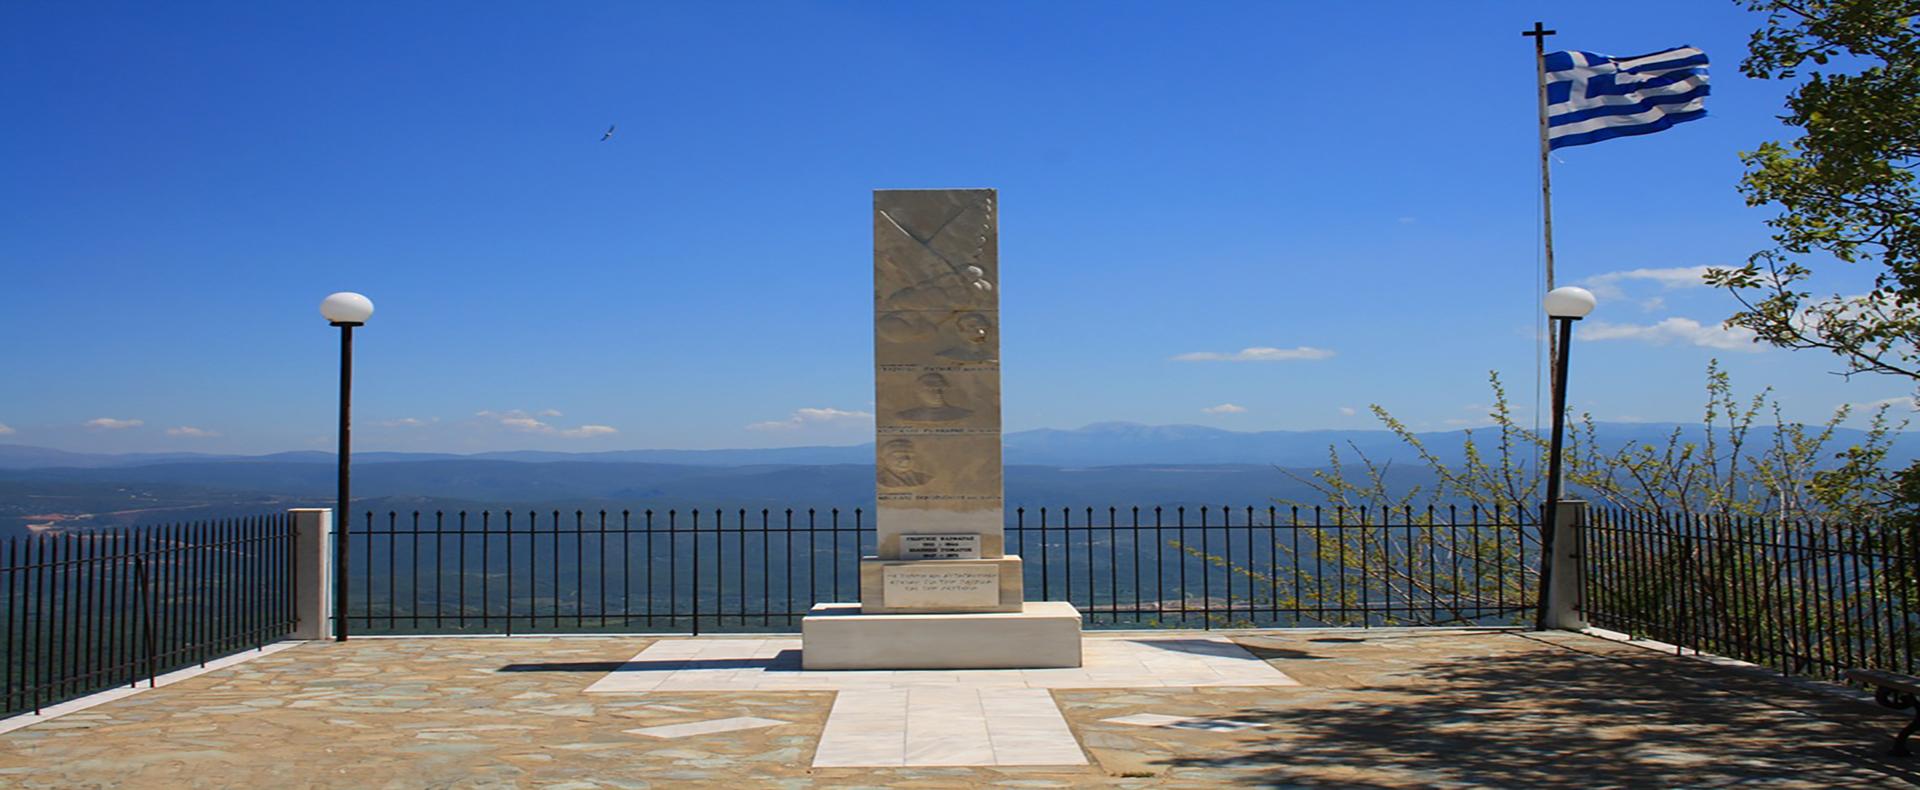 Το Μνημείο των Πεσόντων Αεροπόρων στο Γεωργίτσι Λακωνίας